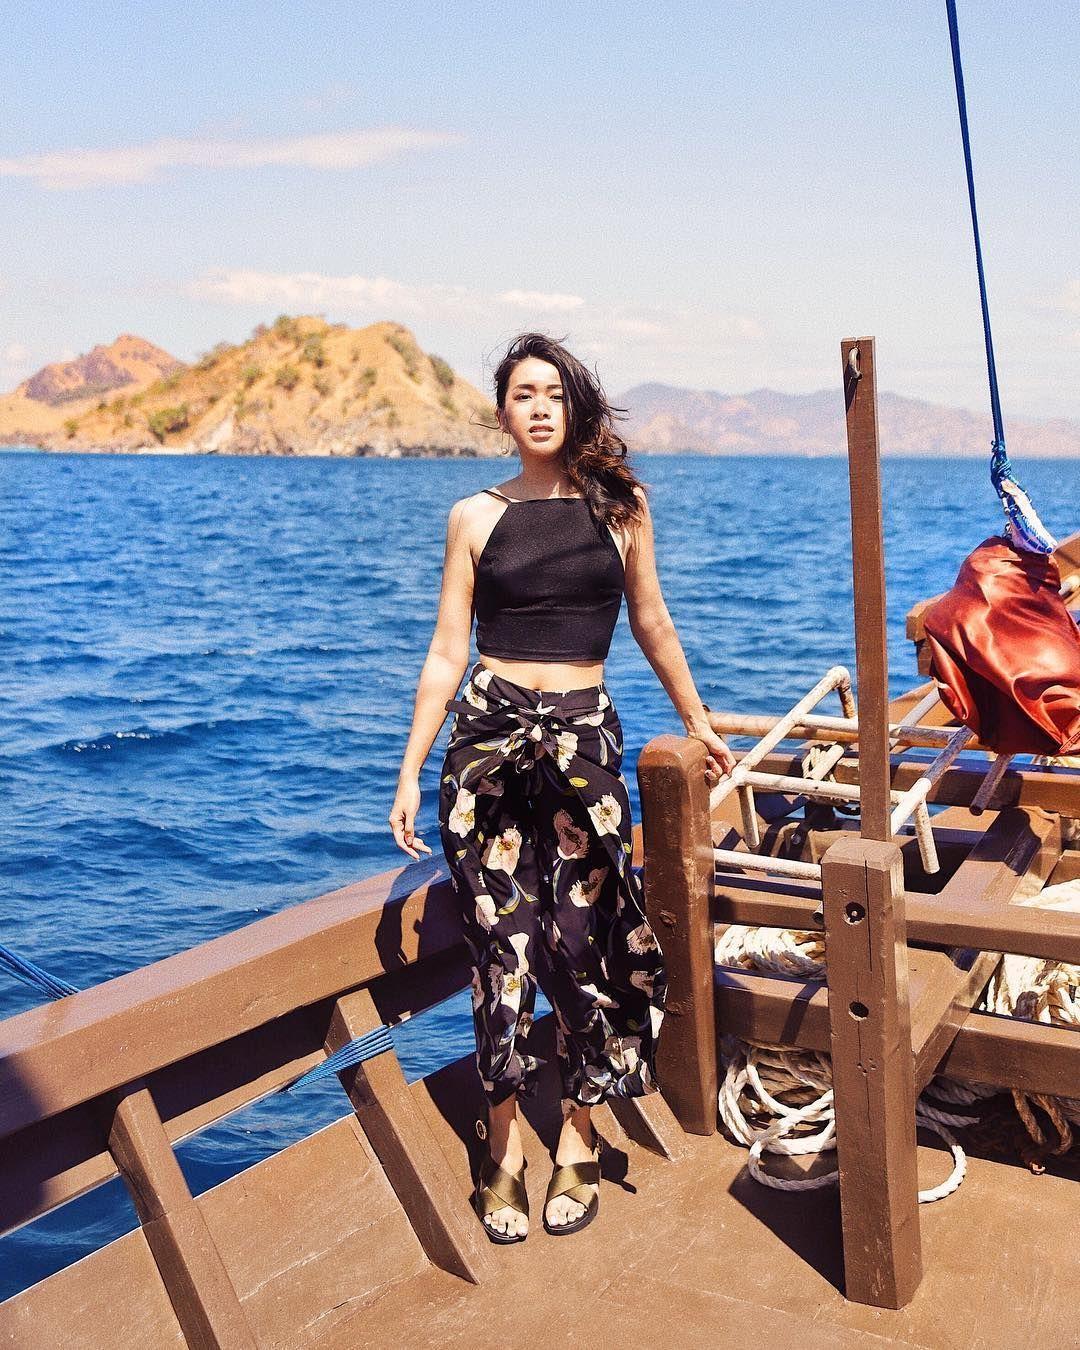 Tambah Trendi Saat Liburan ke Pantai, Contek 5 OOTD A la Influencer